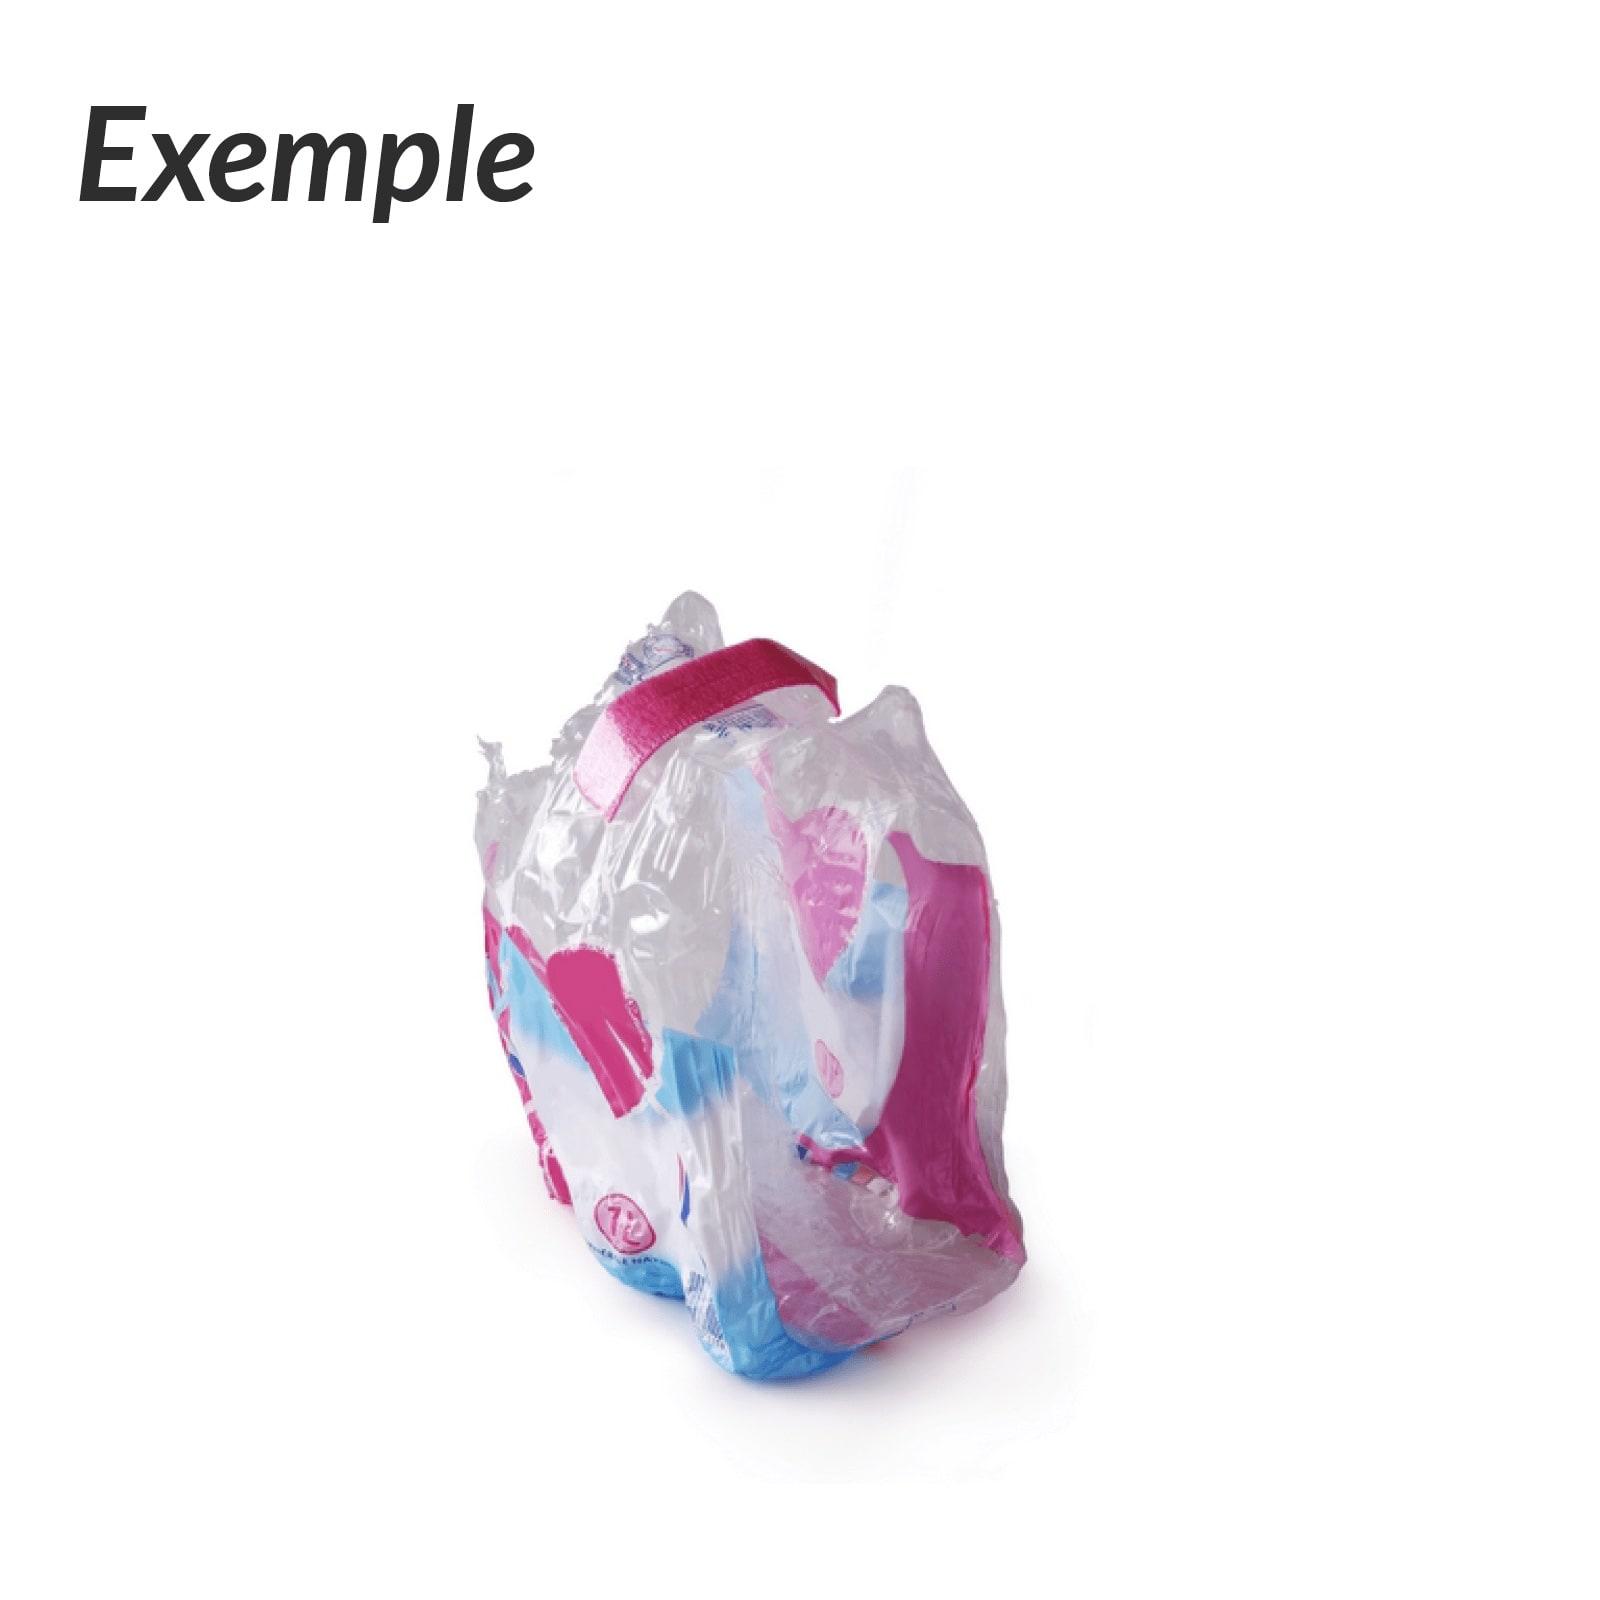 Films en plastique Le tri des emballages recyclables SMICOTOM 33